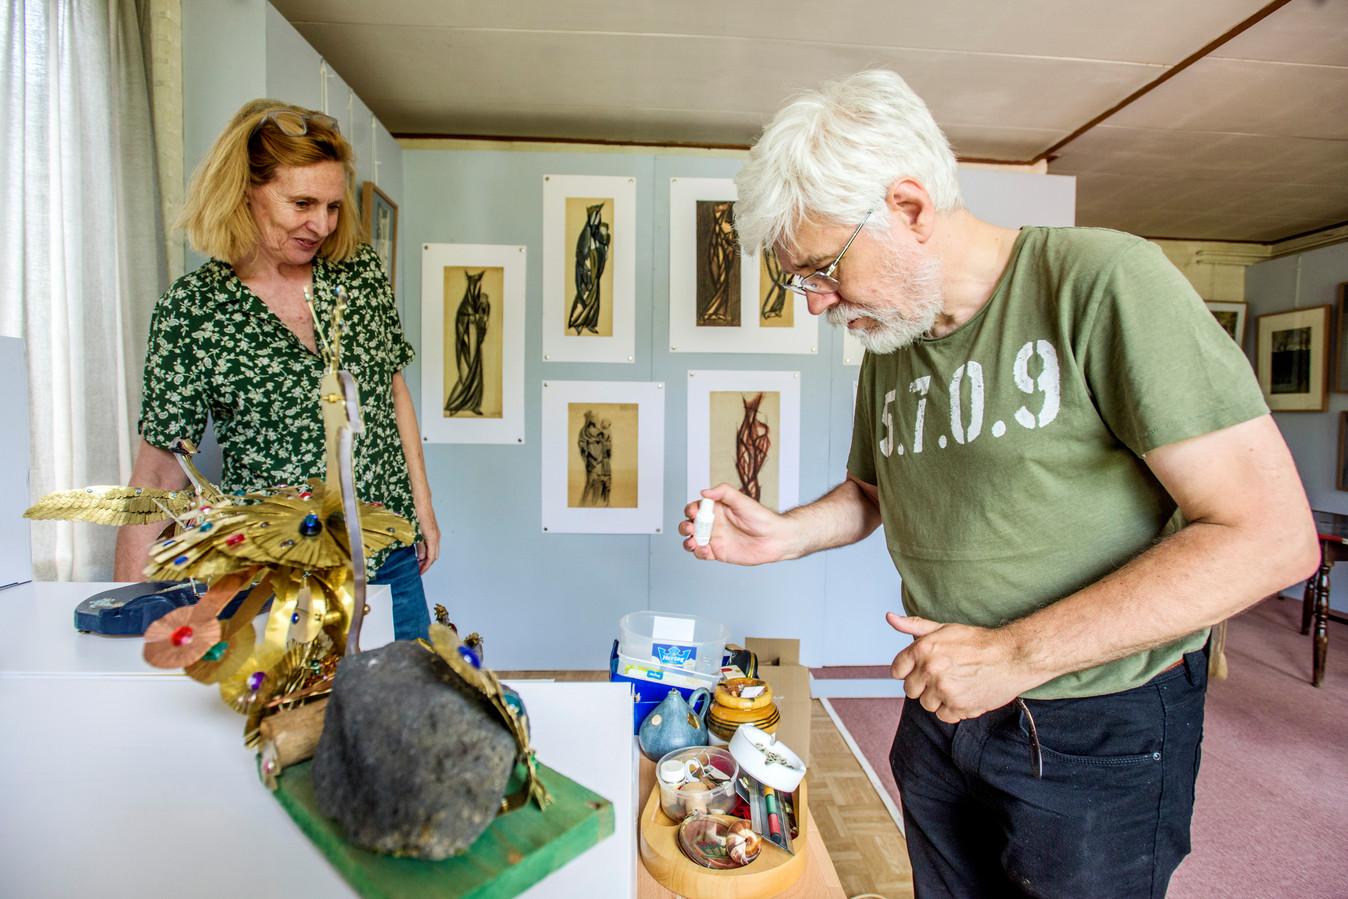 Pieter Smagge en Desiree Bekkers zijn bezig met het inrichten van de laatste expositie. Na de zomer gaat het huis in de verkoop.